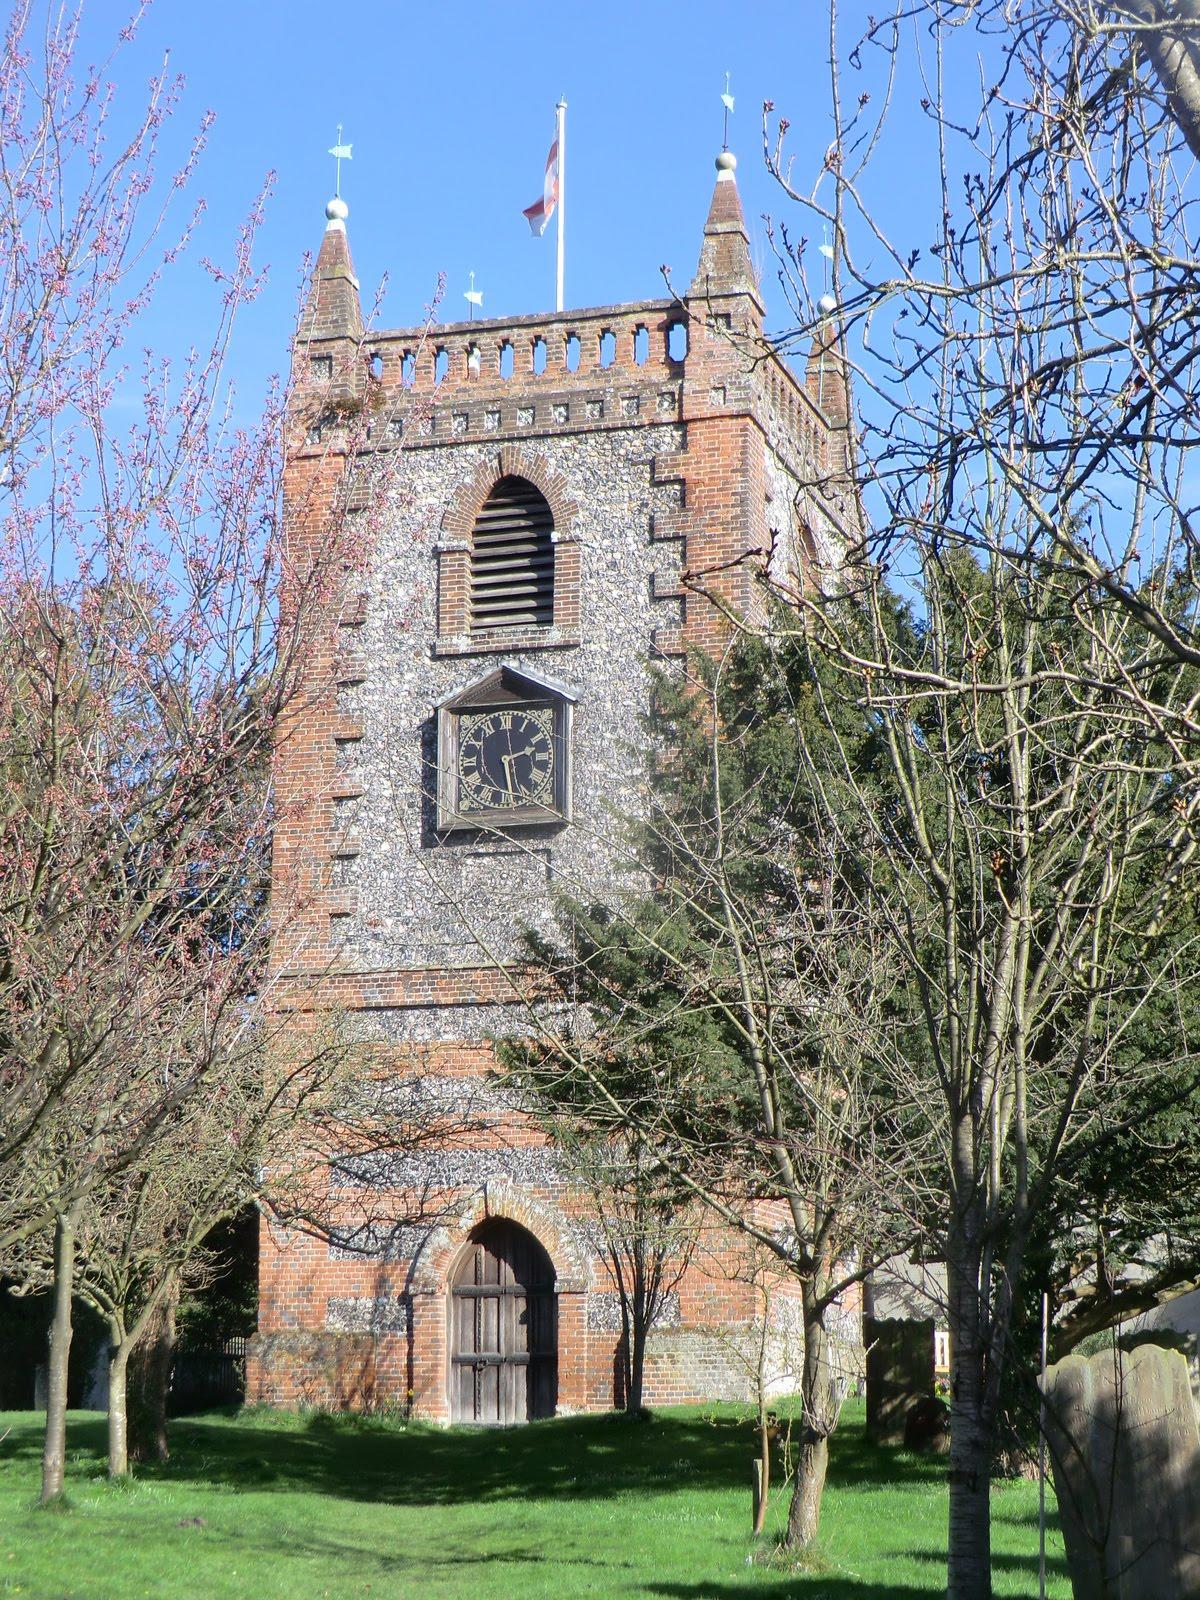 CIMG9115 Ss Peter & Paul church, Shoreham